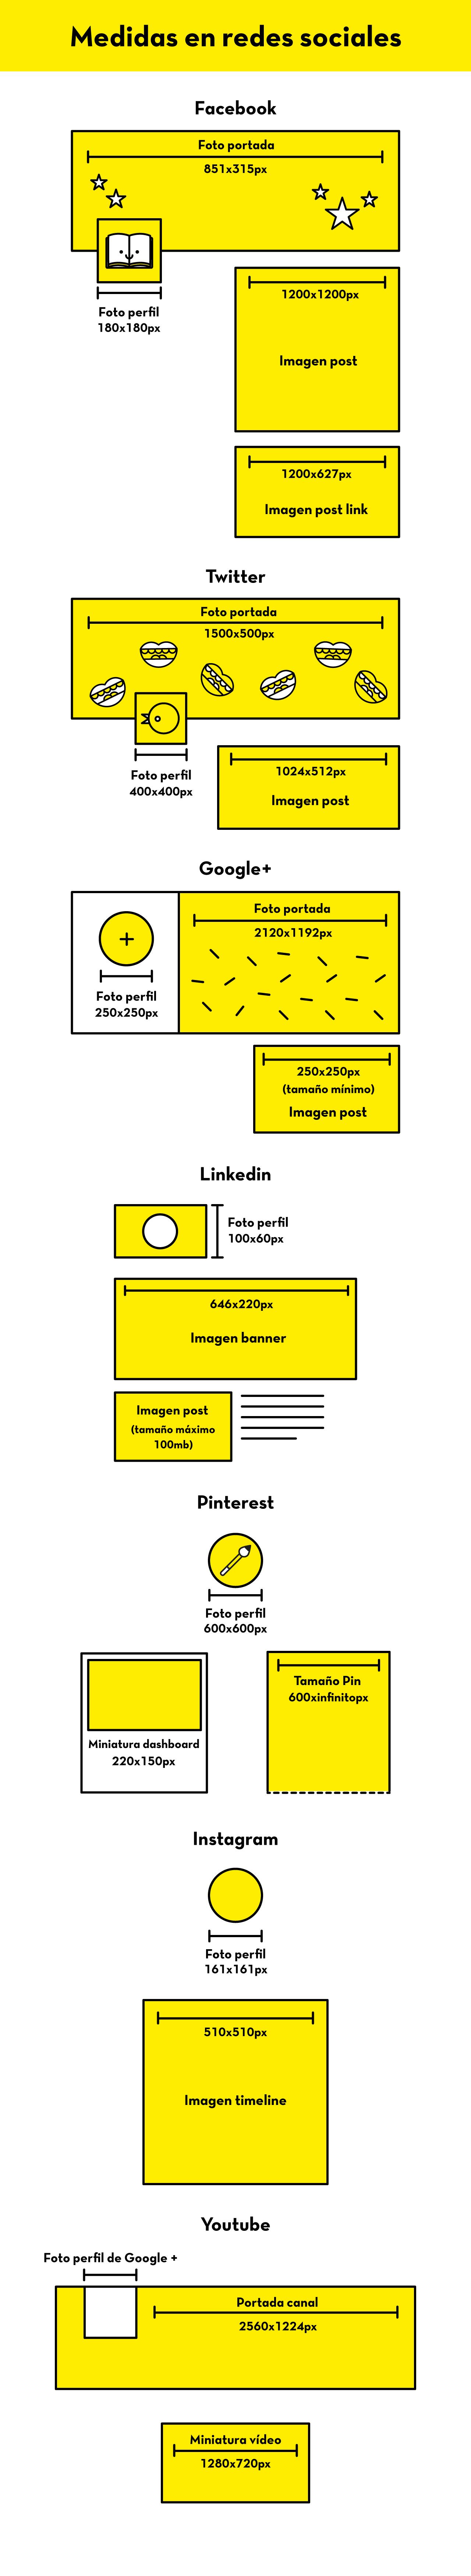 medidas_rrss_infografia